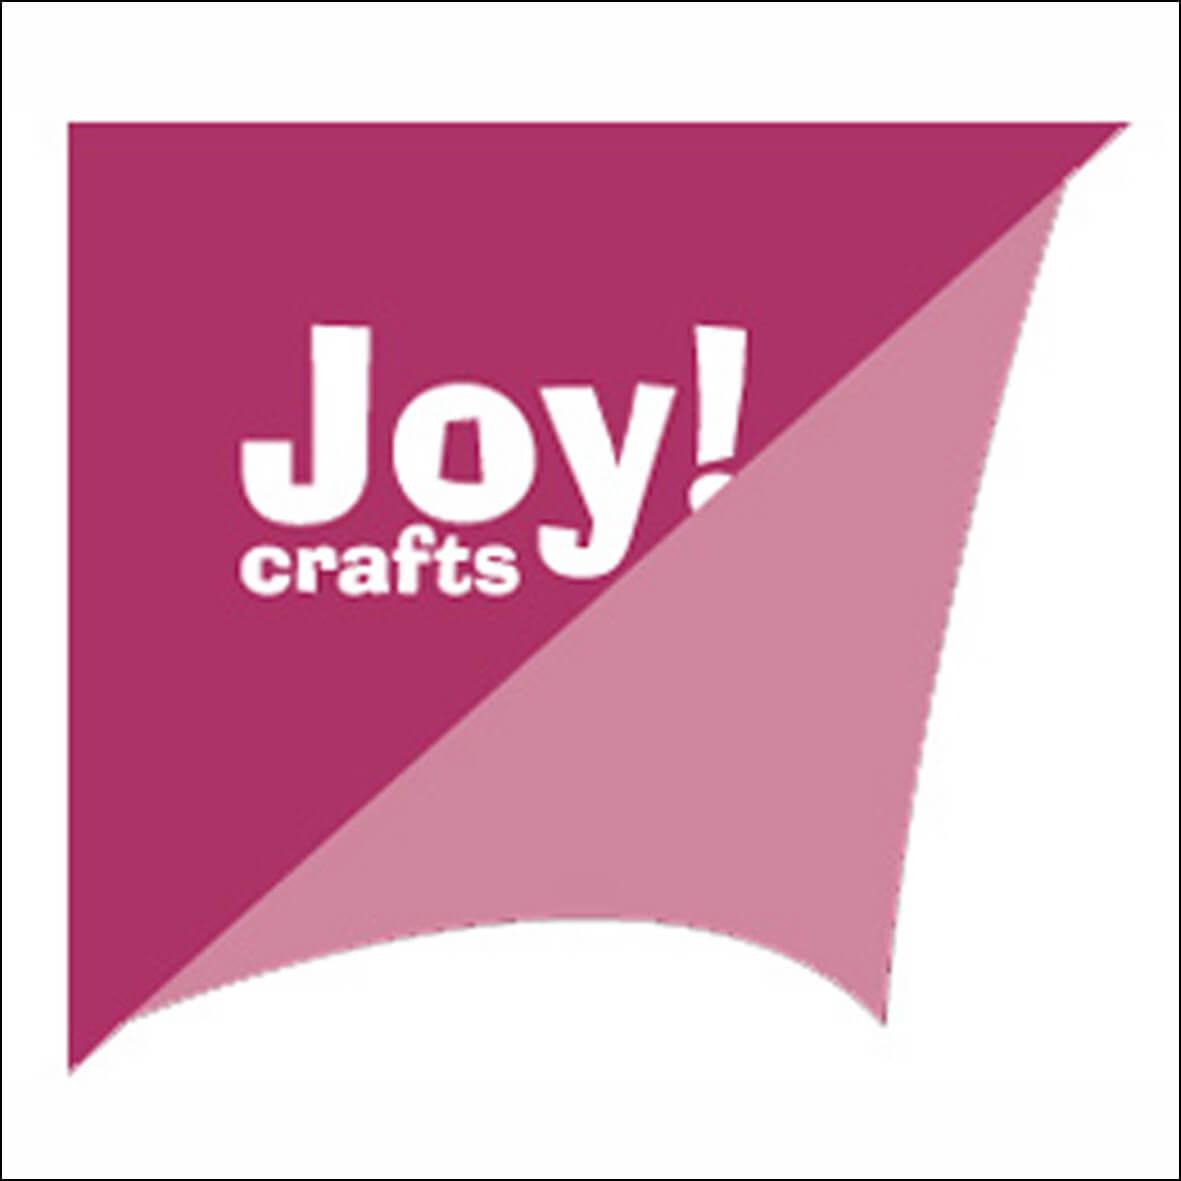 Joy Crafts!